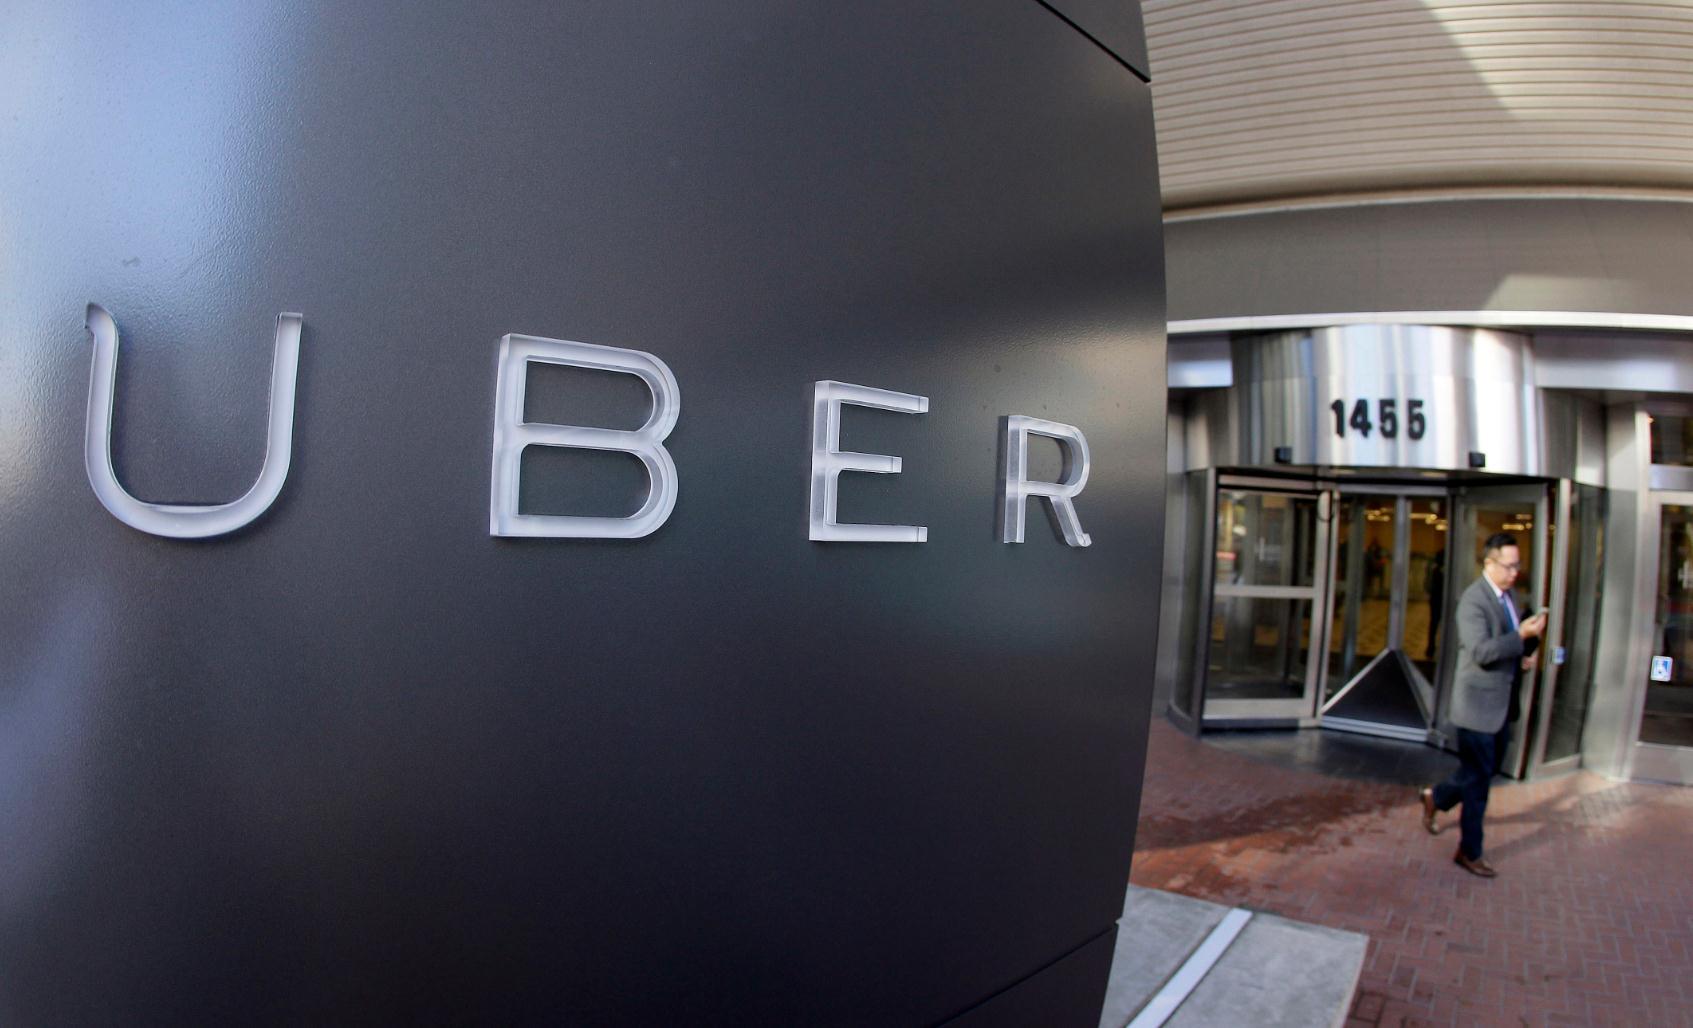 Uber与滴滴软银等磋商融资事宜 总融资最高120亿美元